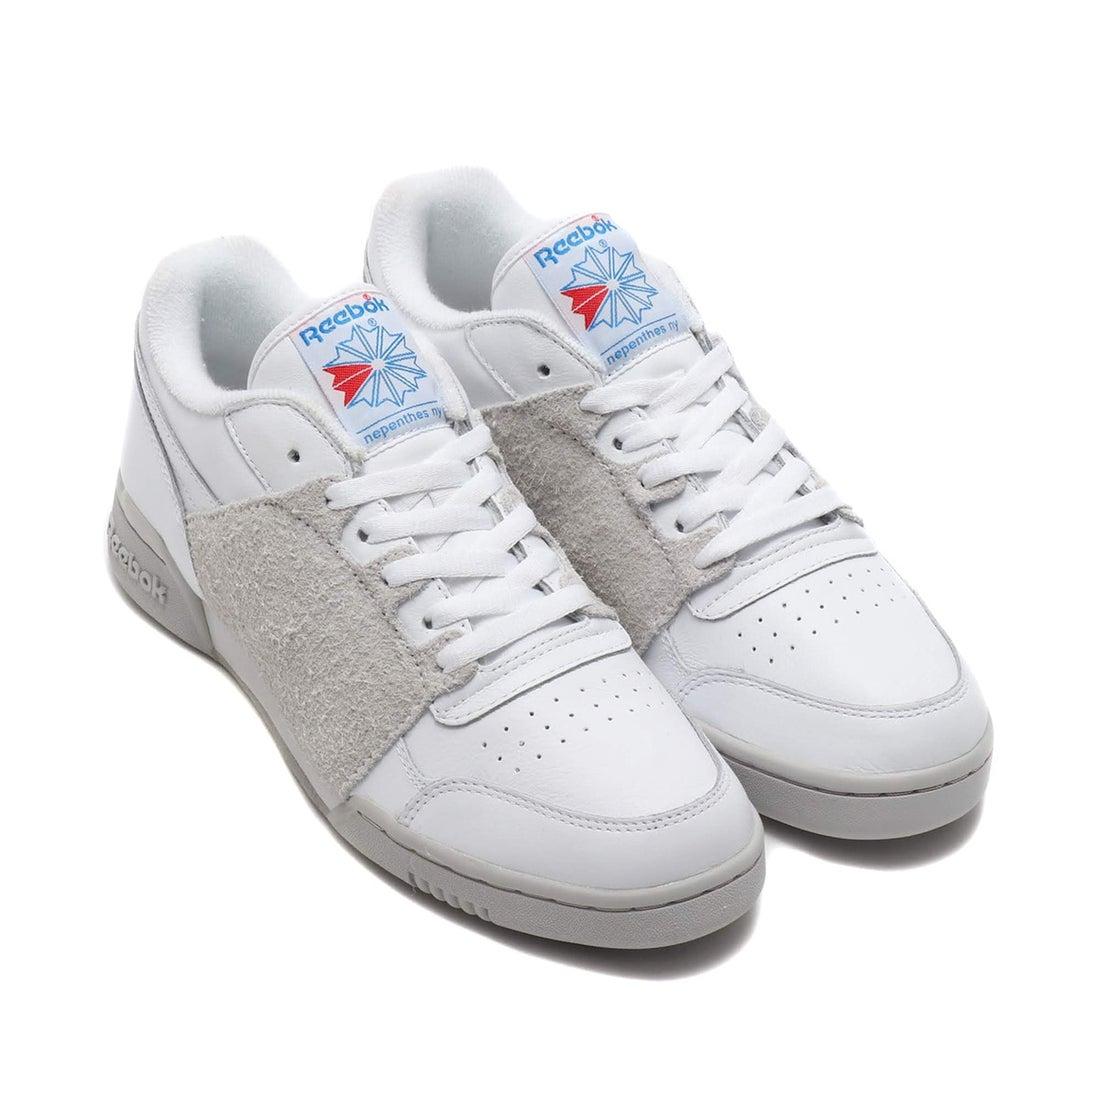 ロコンド 靴とファッションの通販サイトリーボック REEBOK Reebok WORKOUT PLUS NEPENTHES (WHITE)